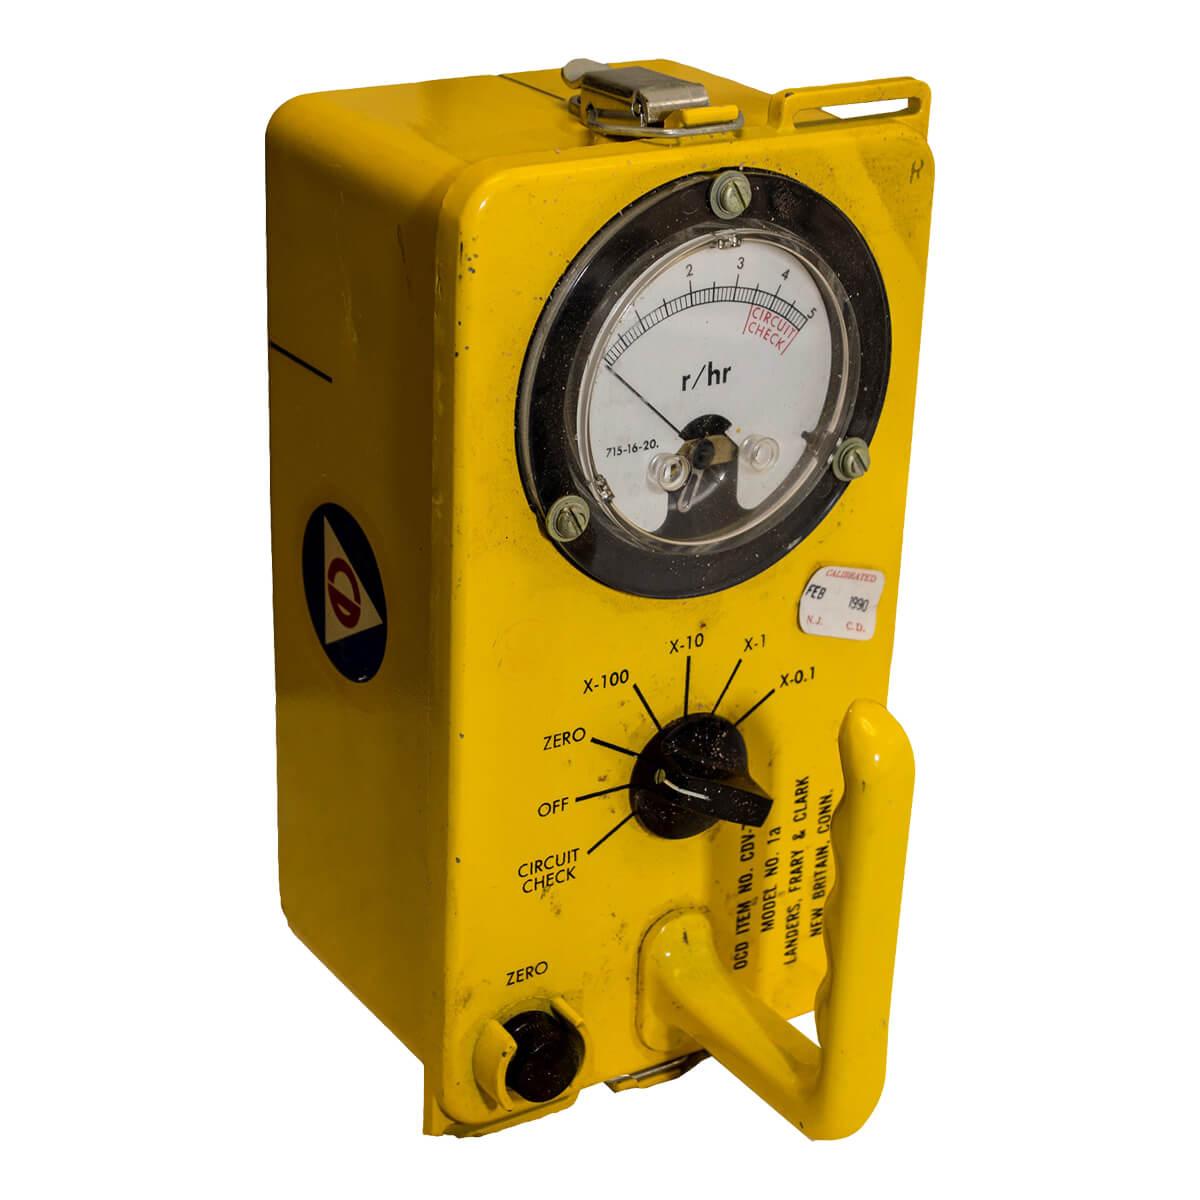 GAMMA RADIATION DETECTOR, (Geiger Counter) CDV-715, Non-Functional